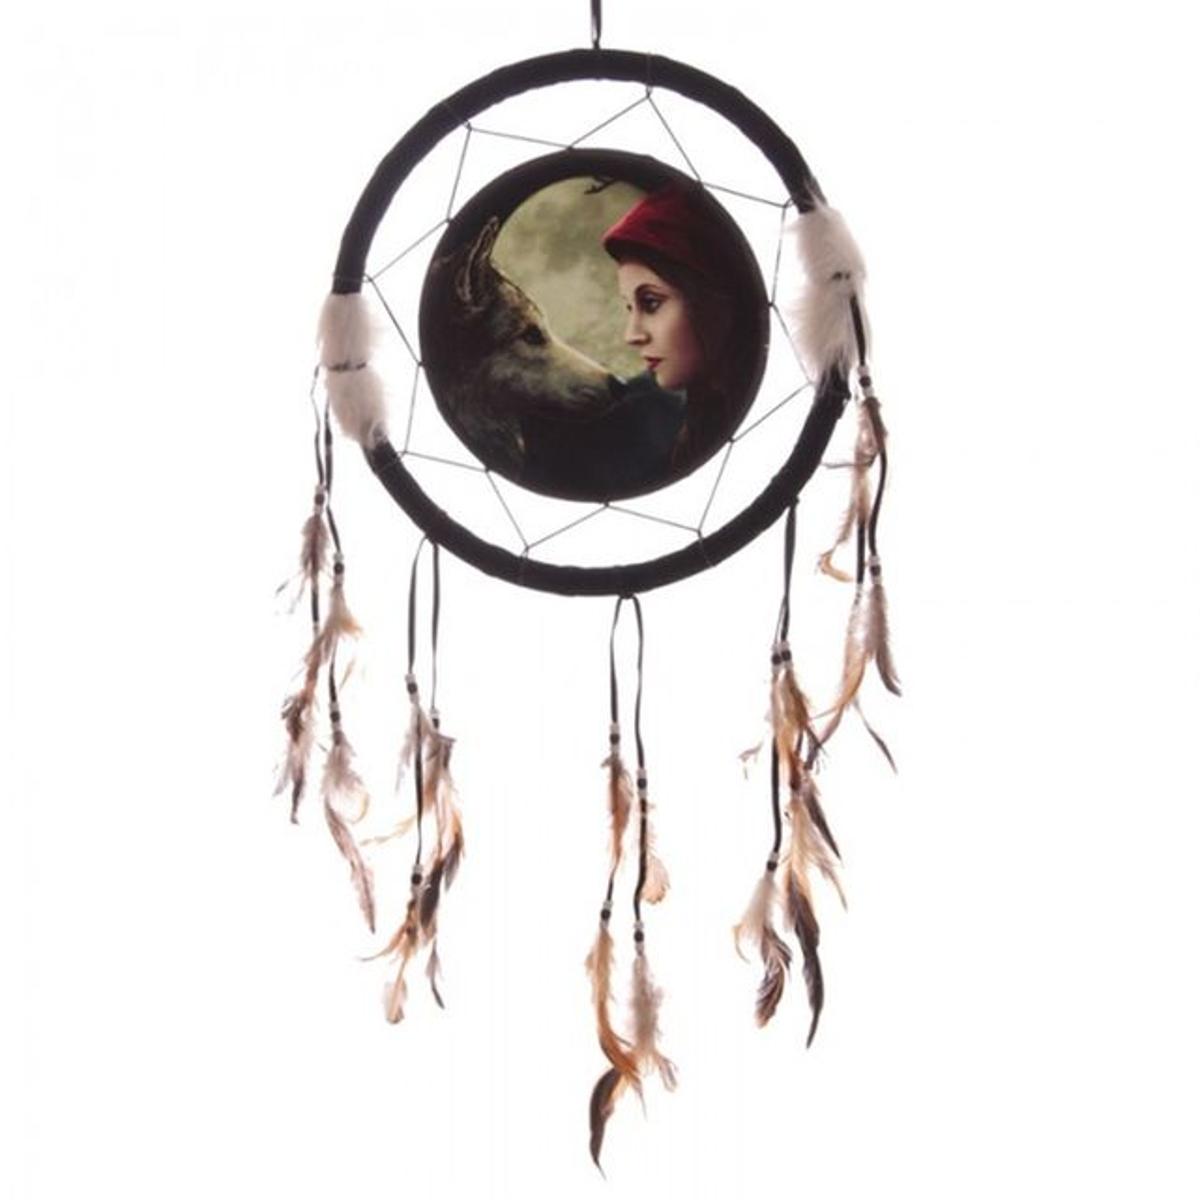 Attrape-rêves Loup & Chaperon Rouge par Lisa Parker 33 cm